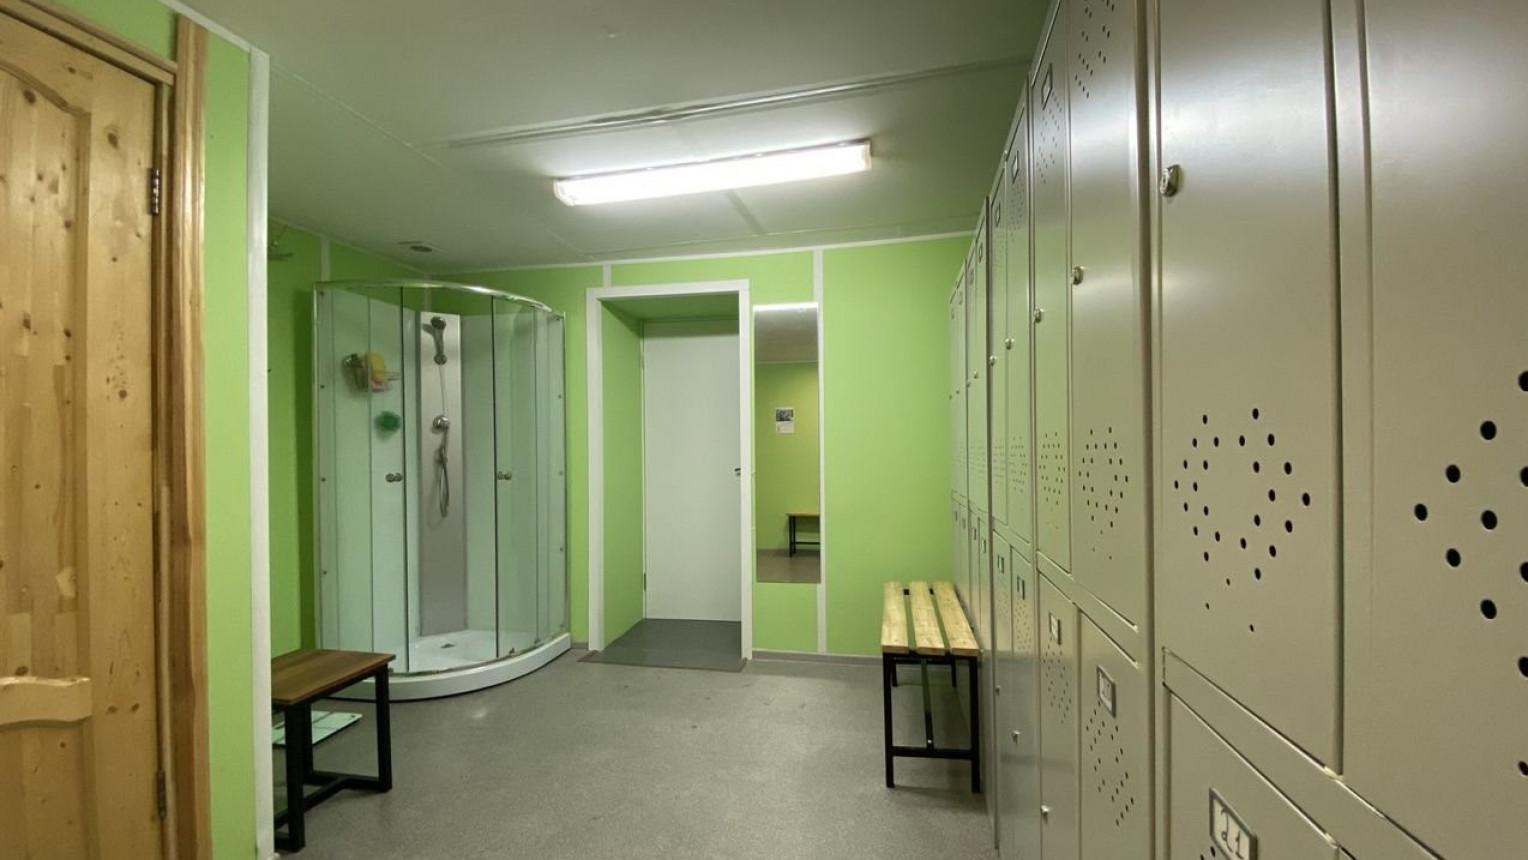 Малый Зал для боевых видов спорта - фото №1